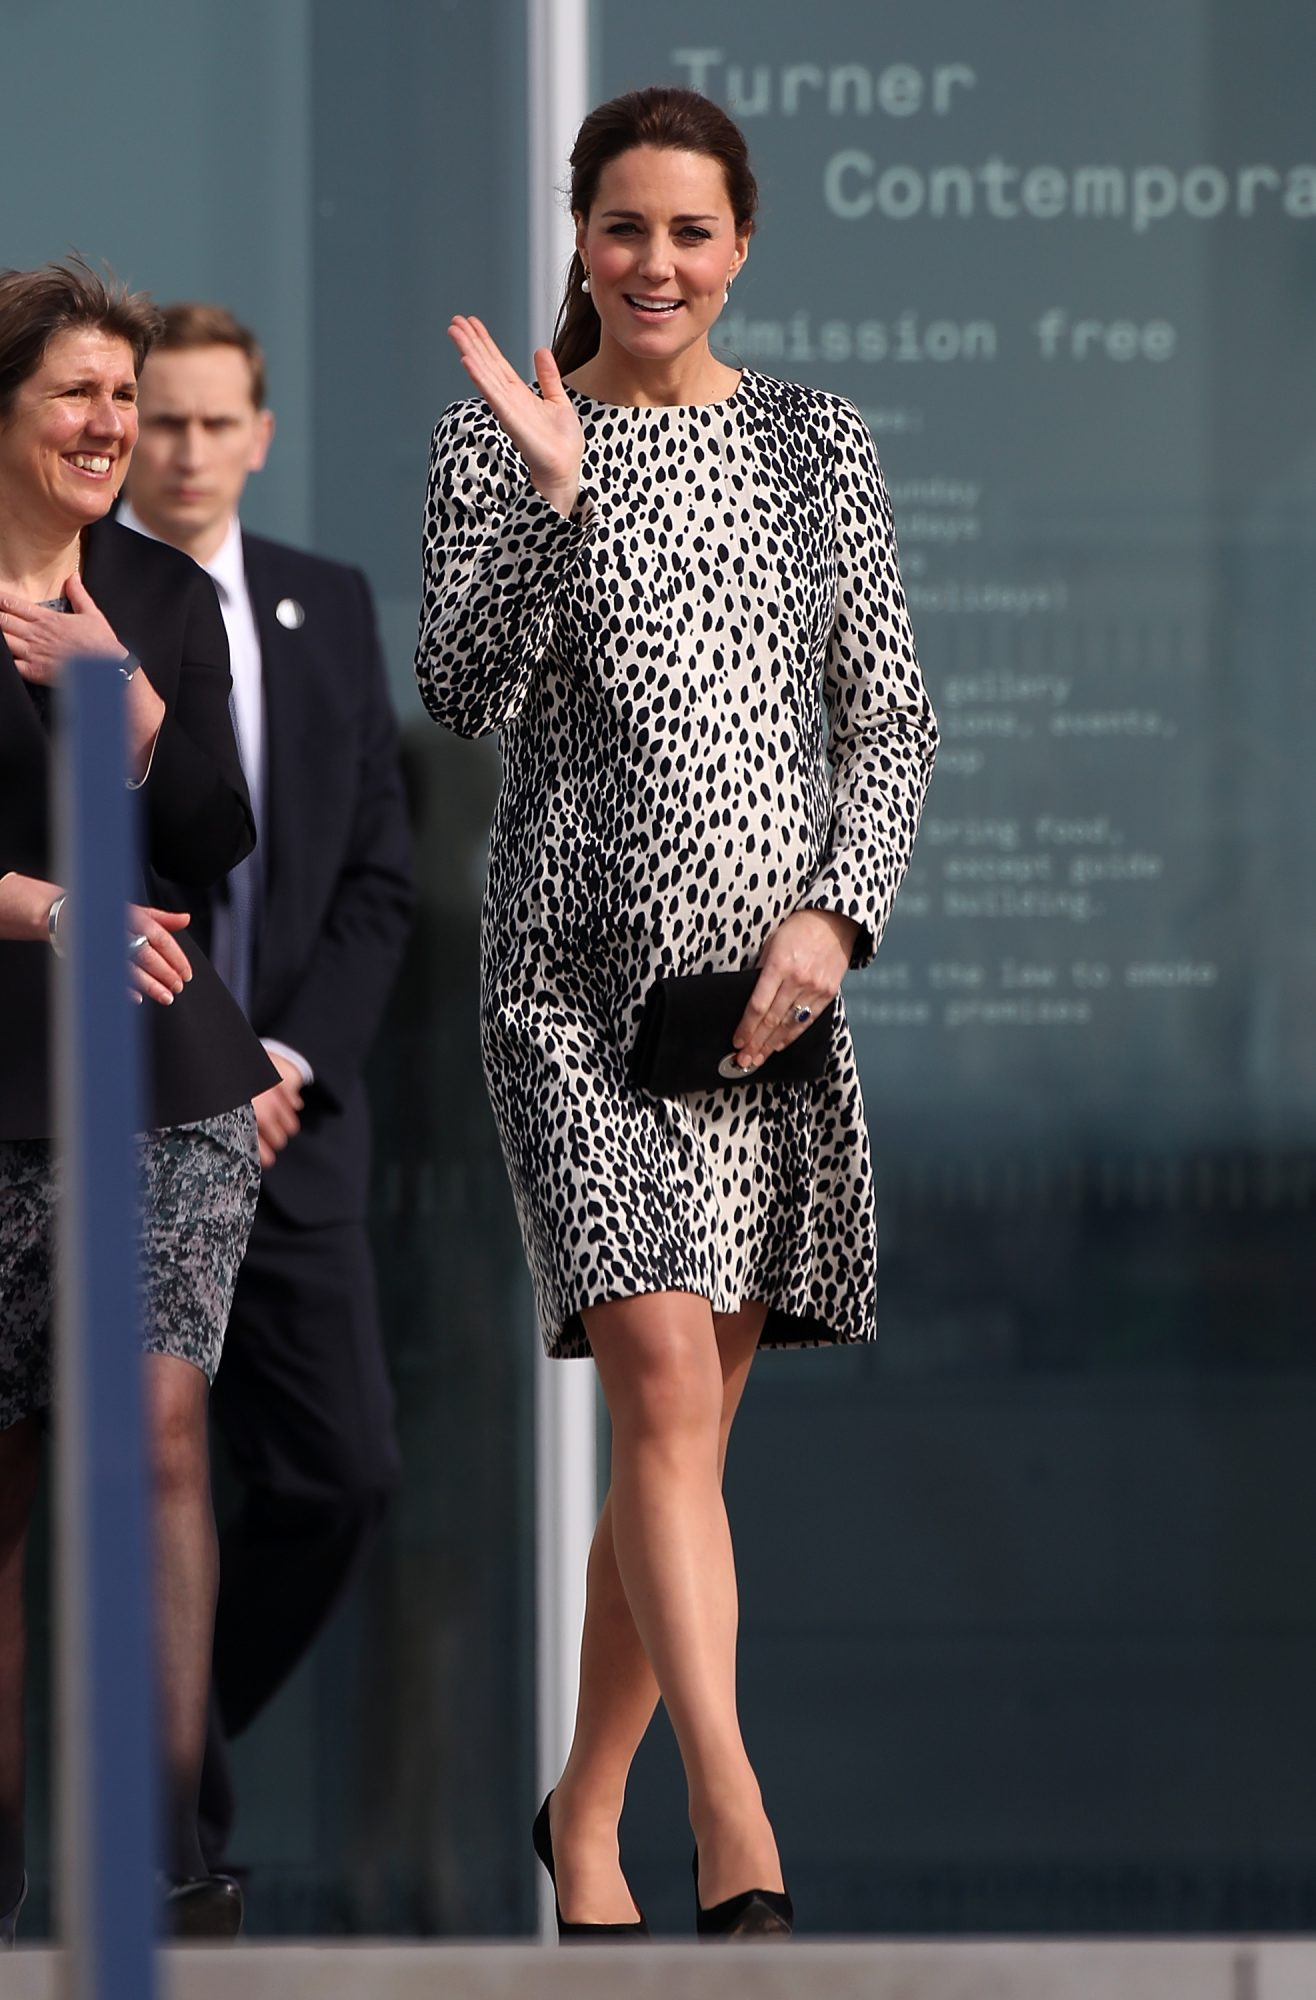 KateMiddletonHobbsleoparddress.jpg